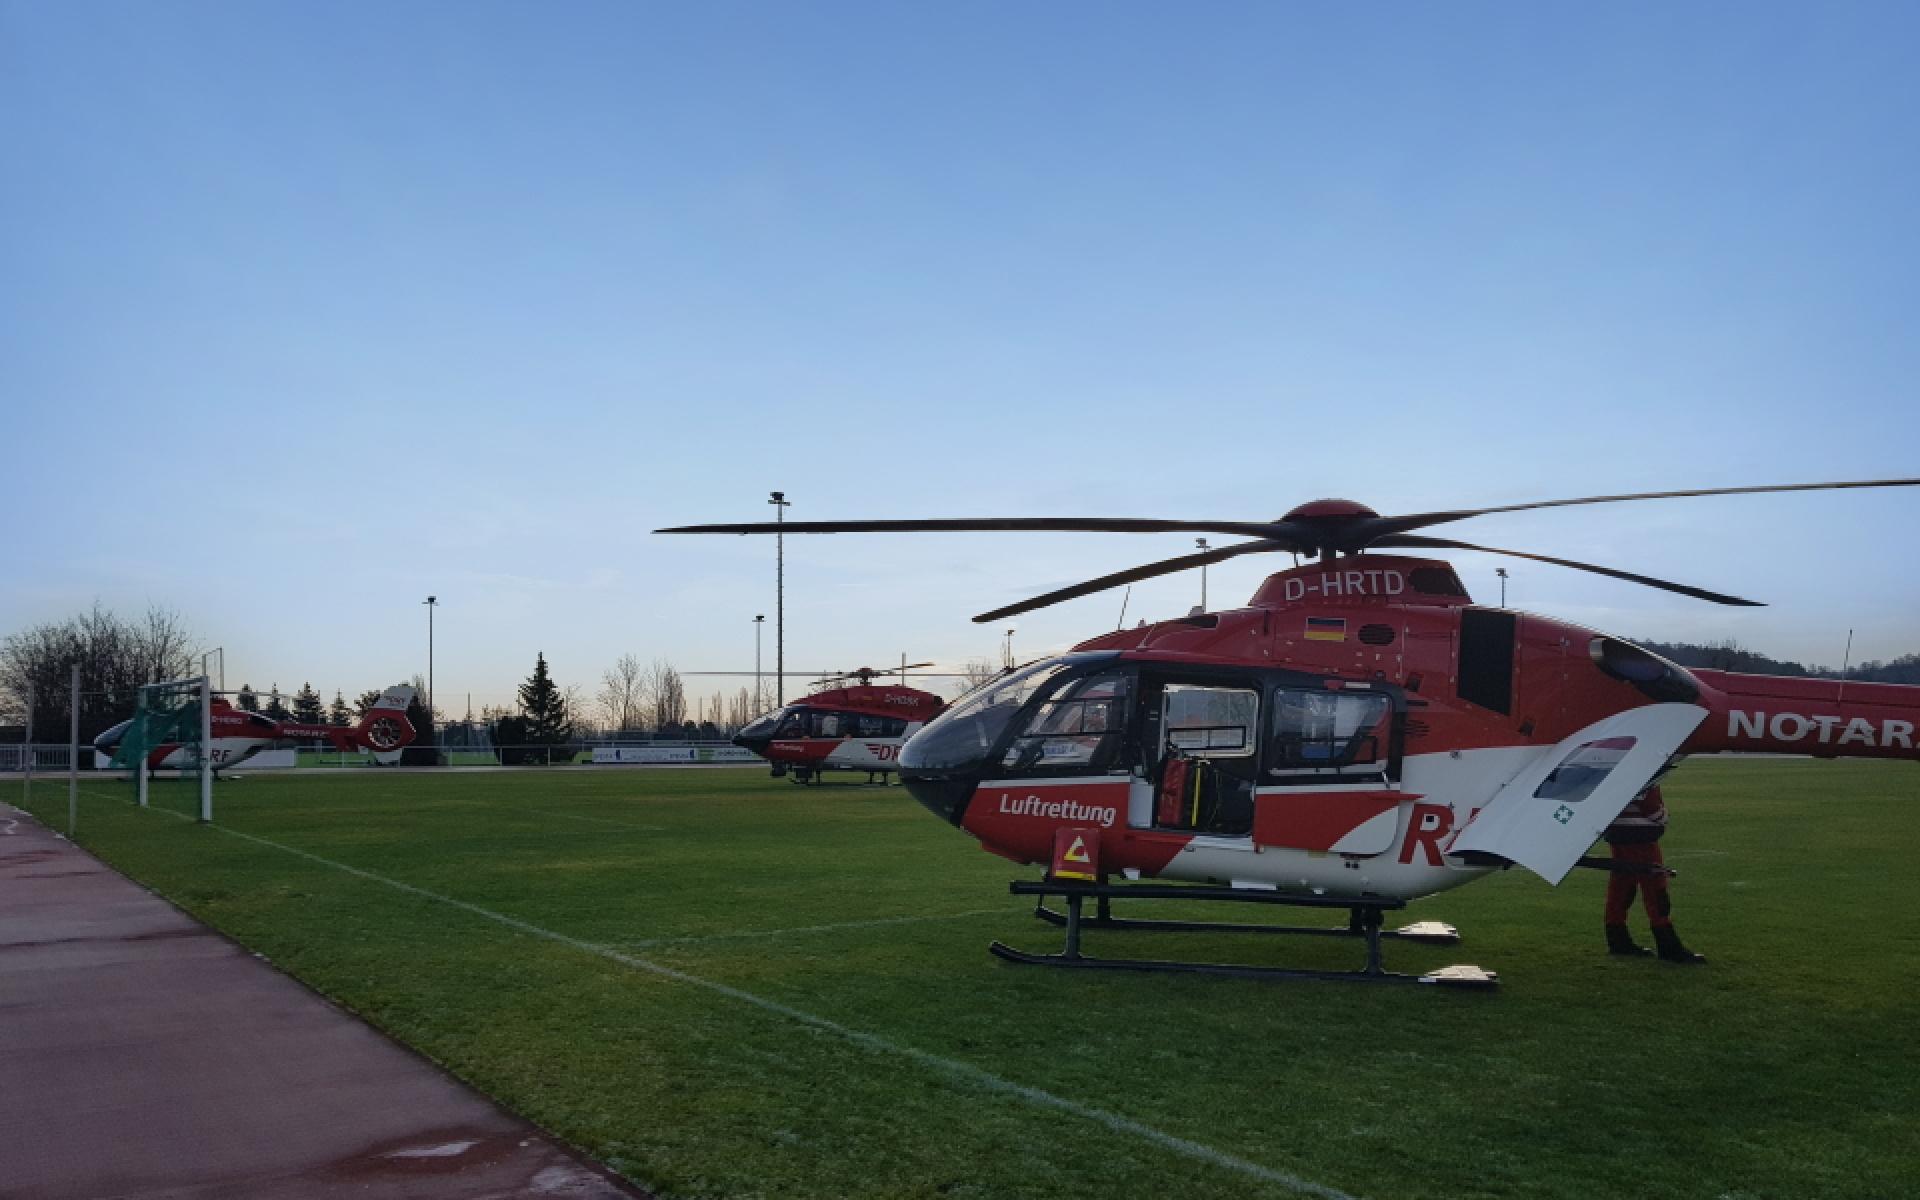 Drei Rettungshubschrauber der DRF Luftrettung stehen auf einem Sportplatz nebeneinander.